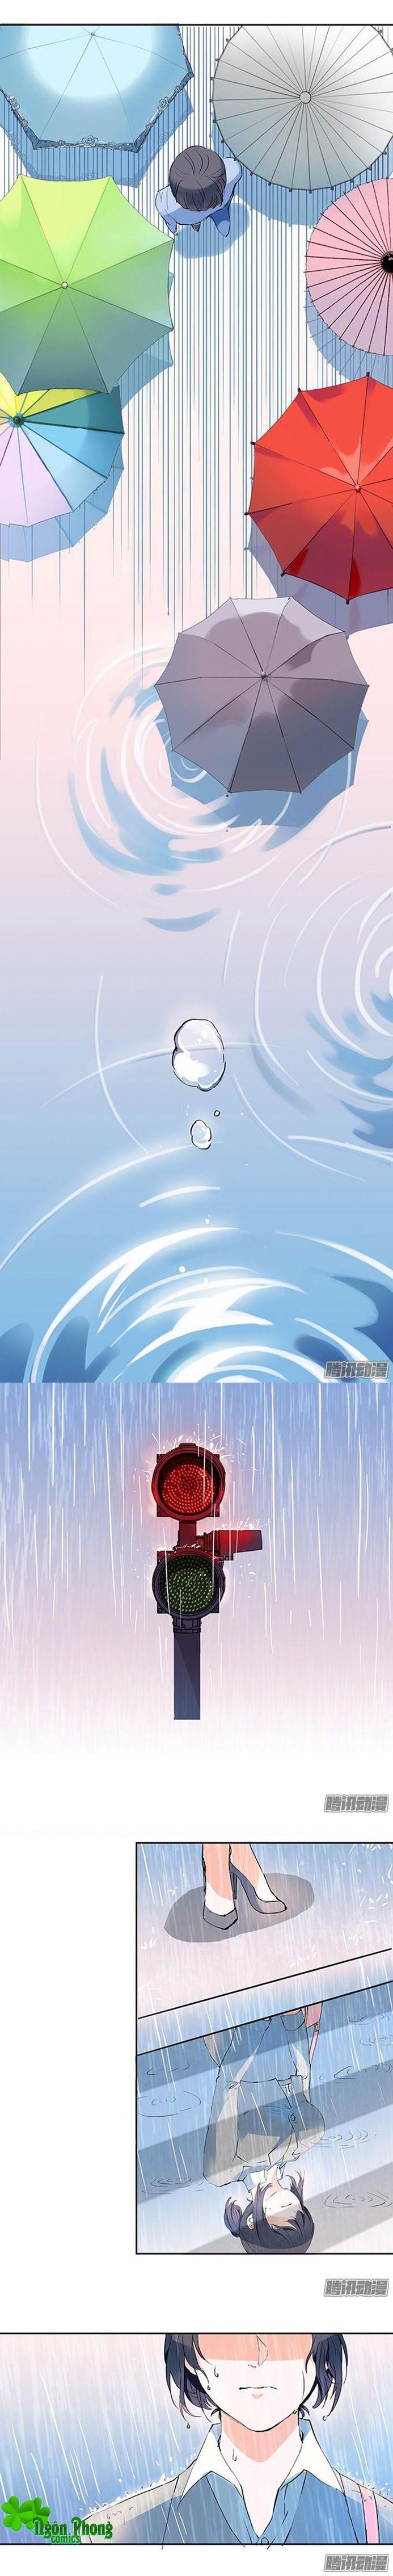 Thiên Kim Đường Môn chap 8 - Trang 3